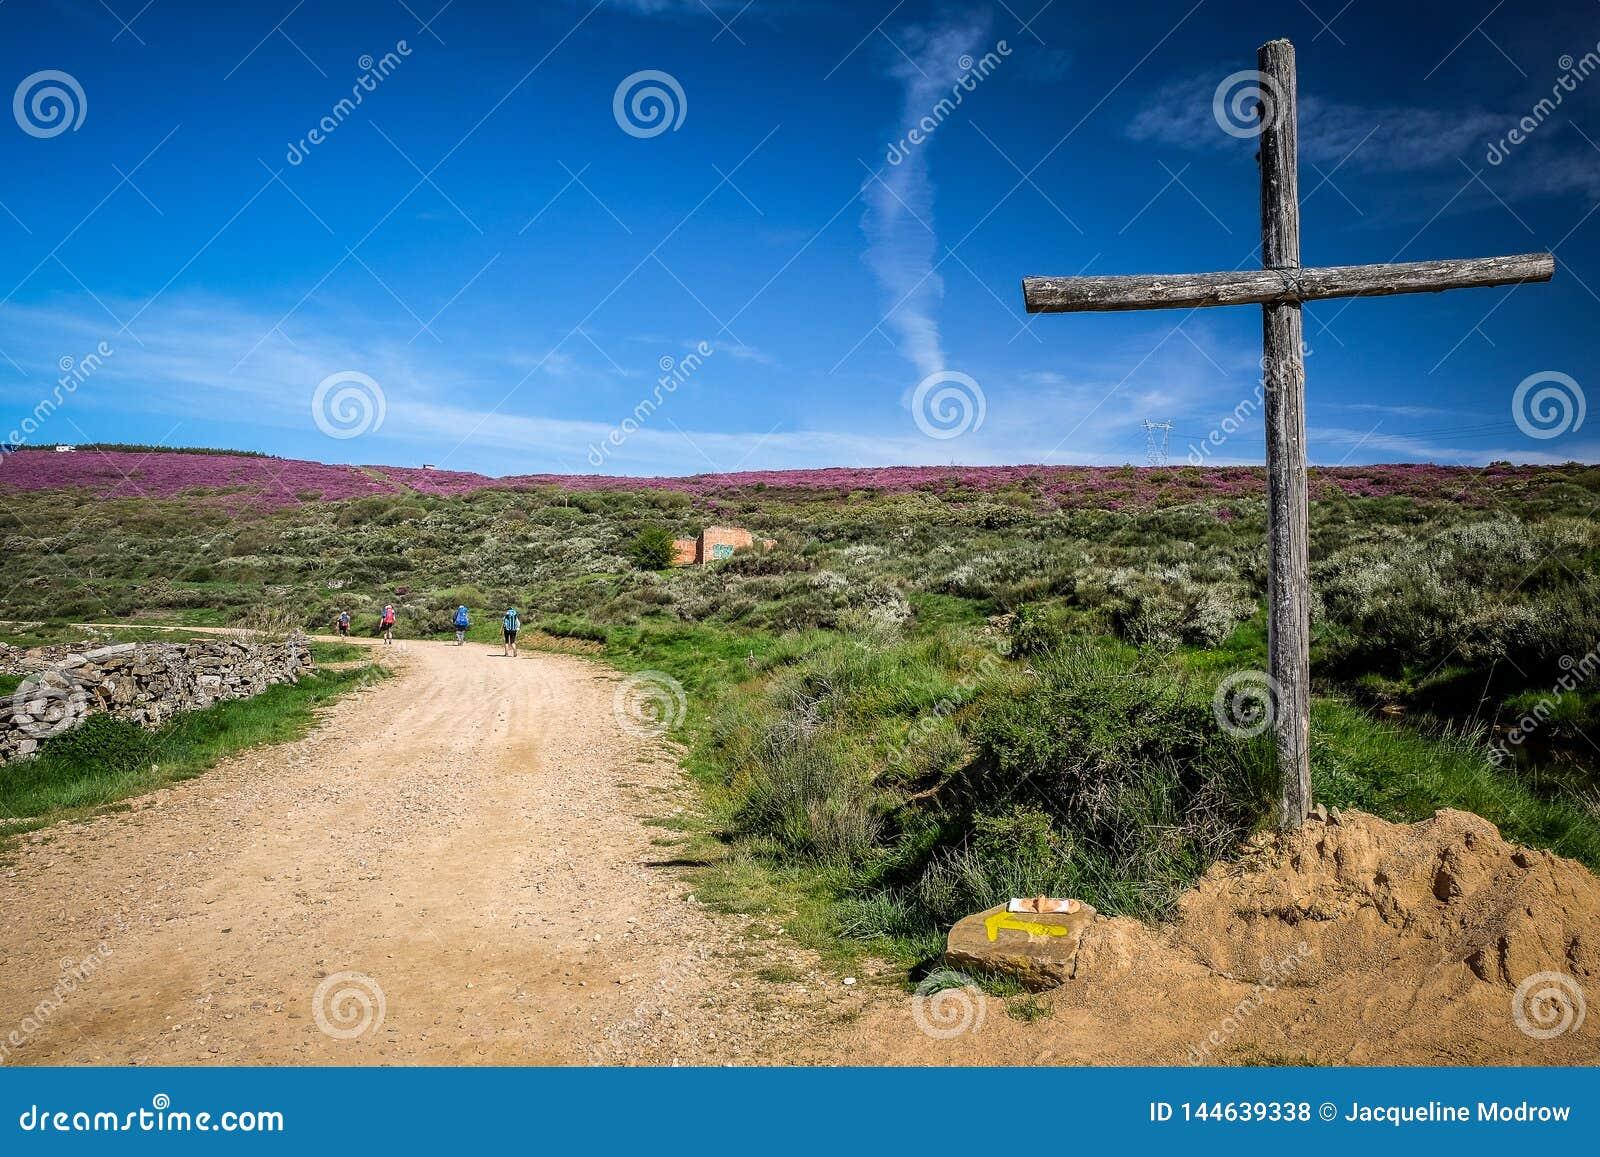 Ένας σταυρός που χαρακτηρίζει τον τρόπο στην πορεία Camino Frances στο Σαντι